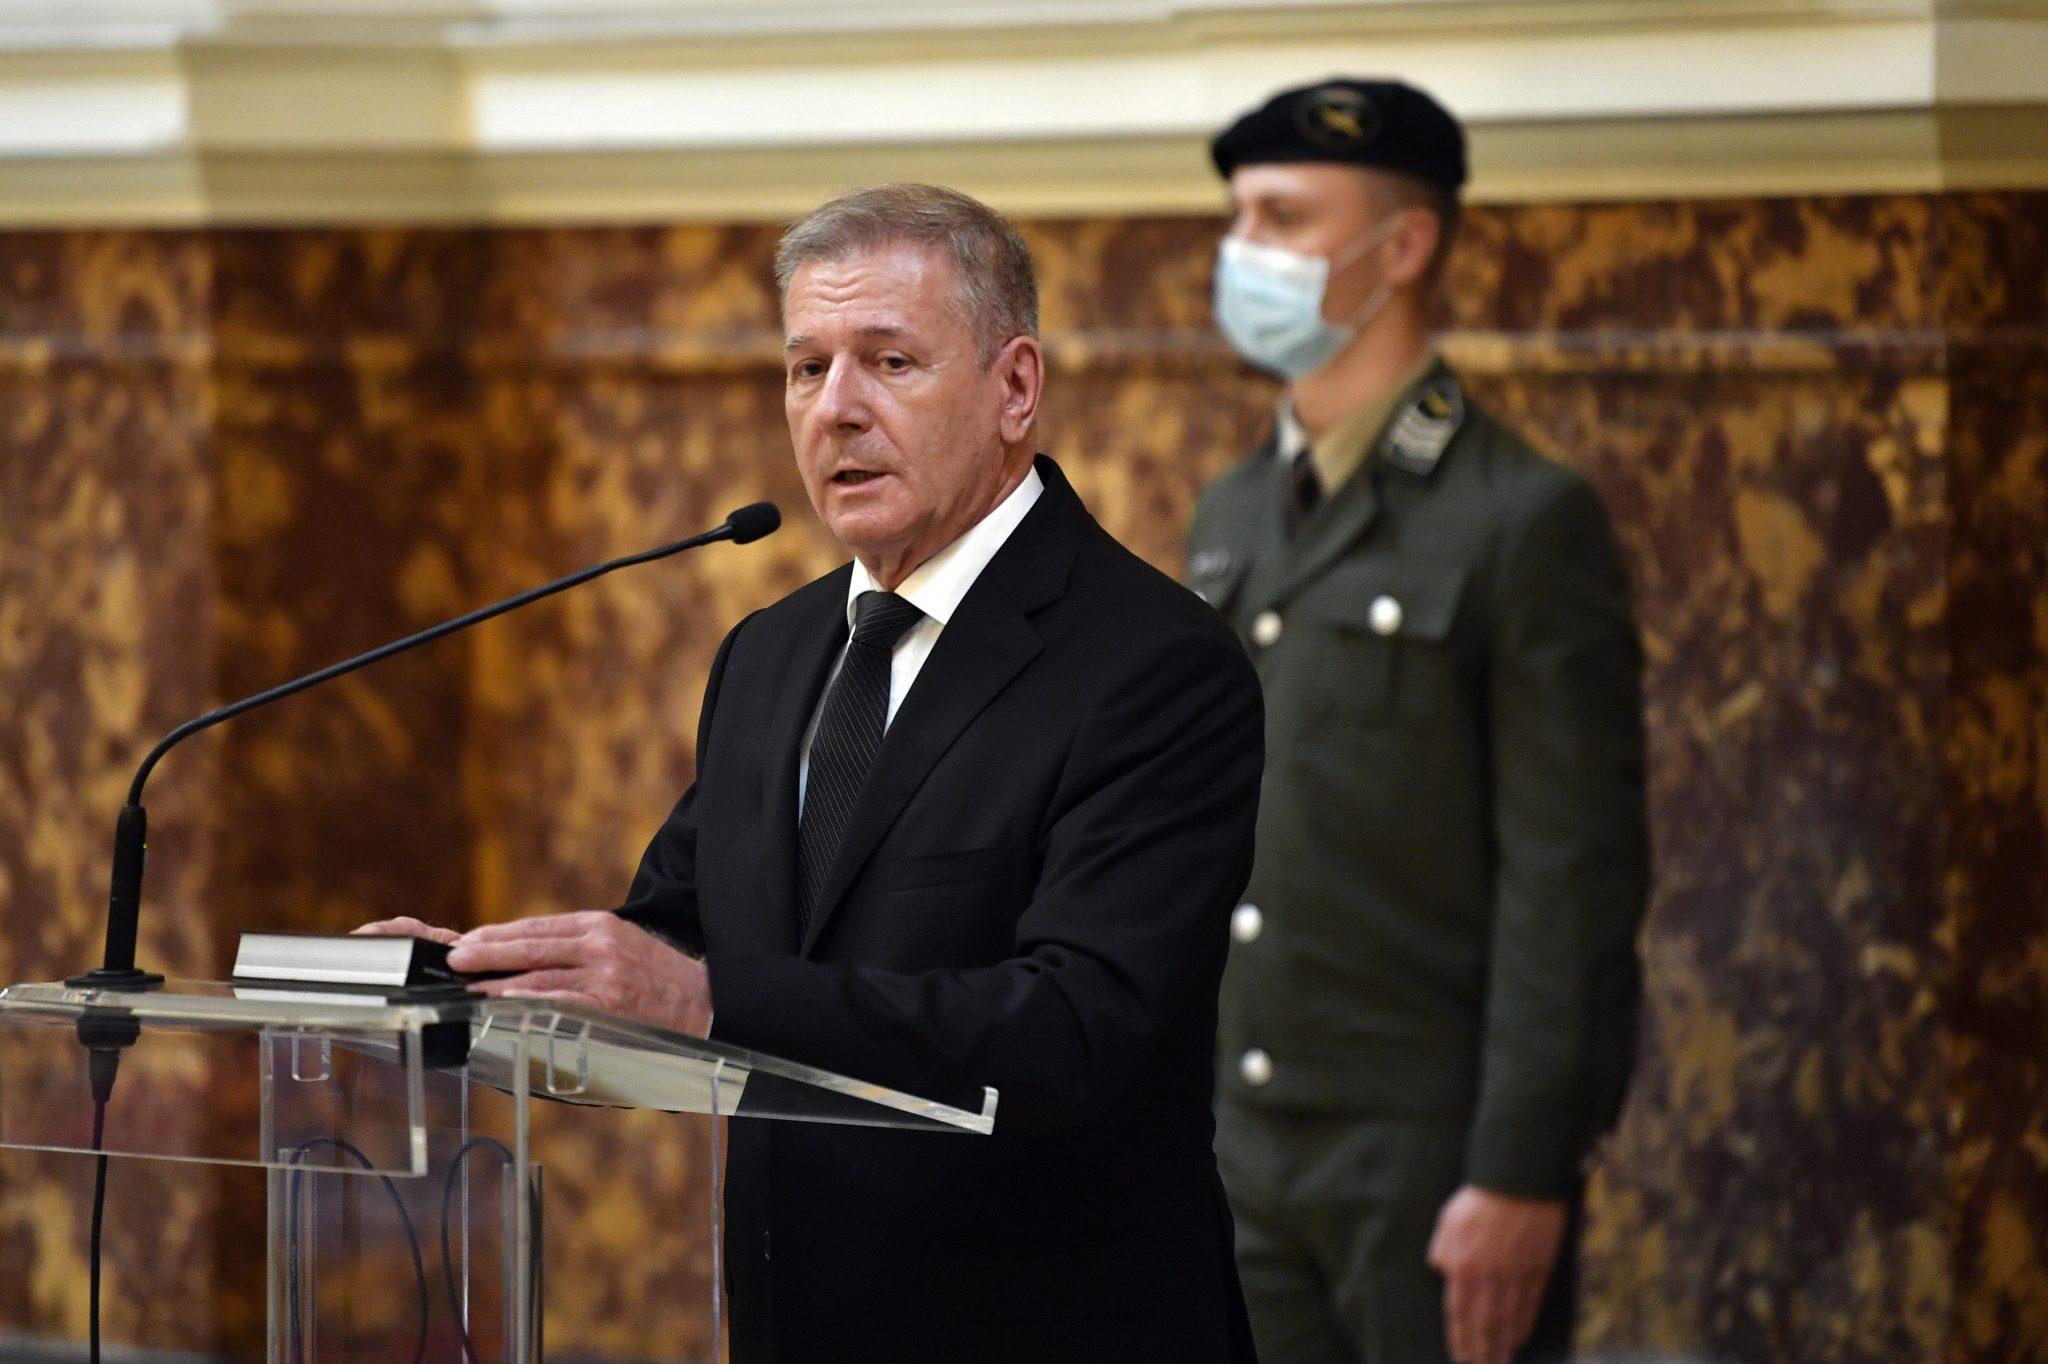 Verteidigungsminister: Armeeentwicklungsprogramm 'Reaktion auf Verteidigungsherausforderungen'